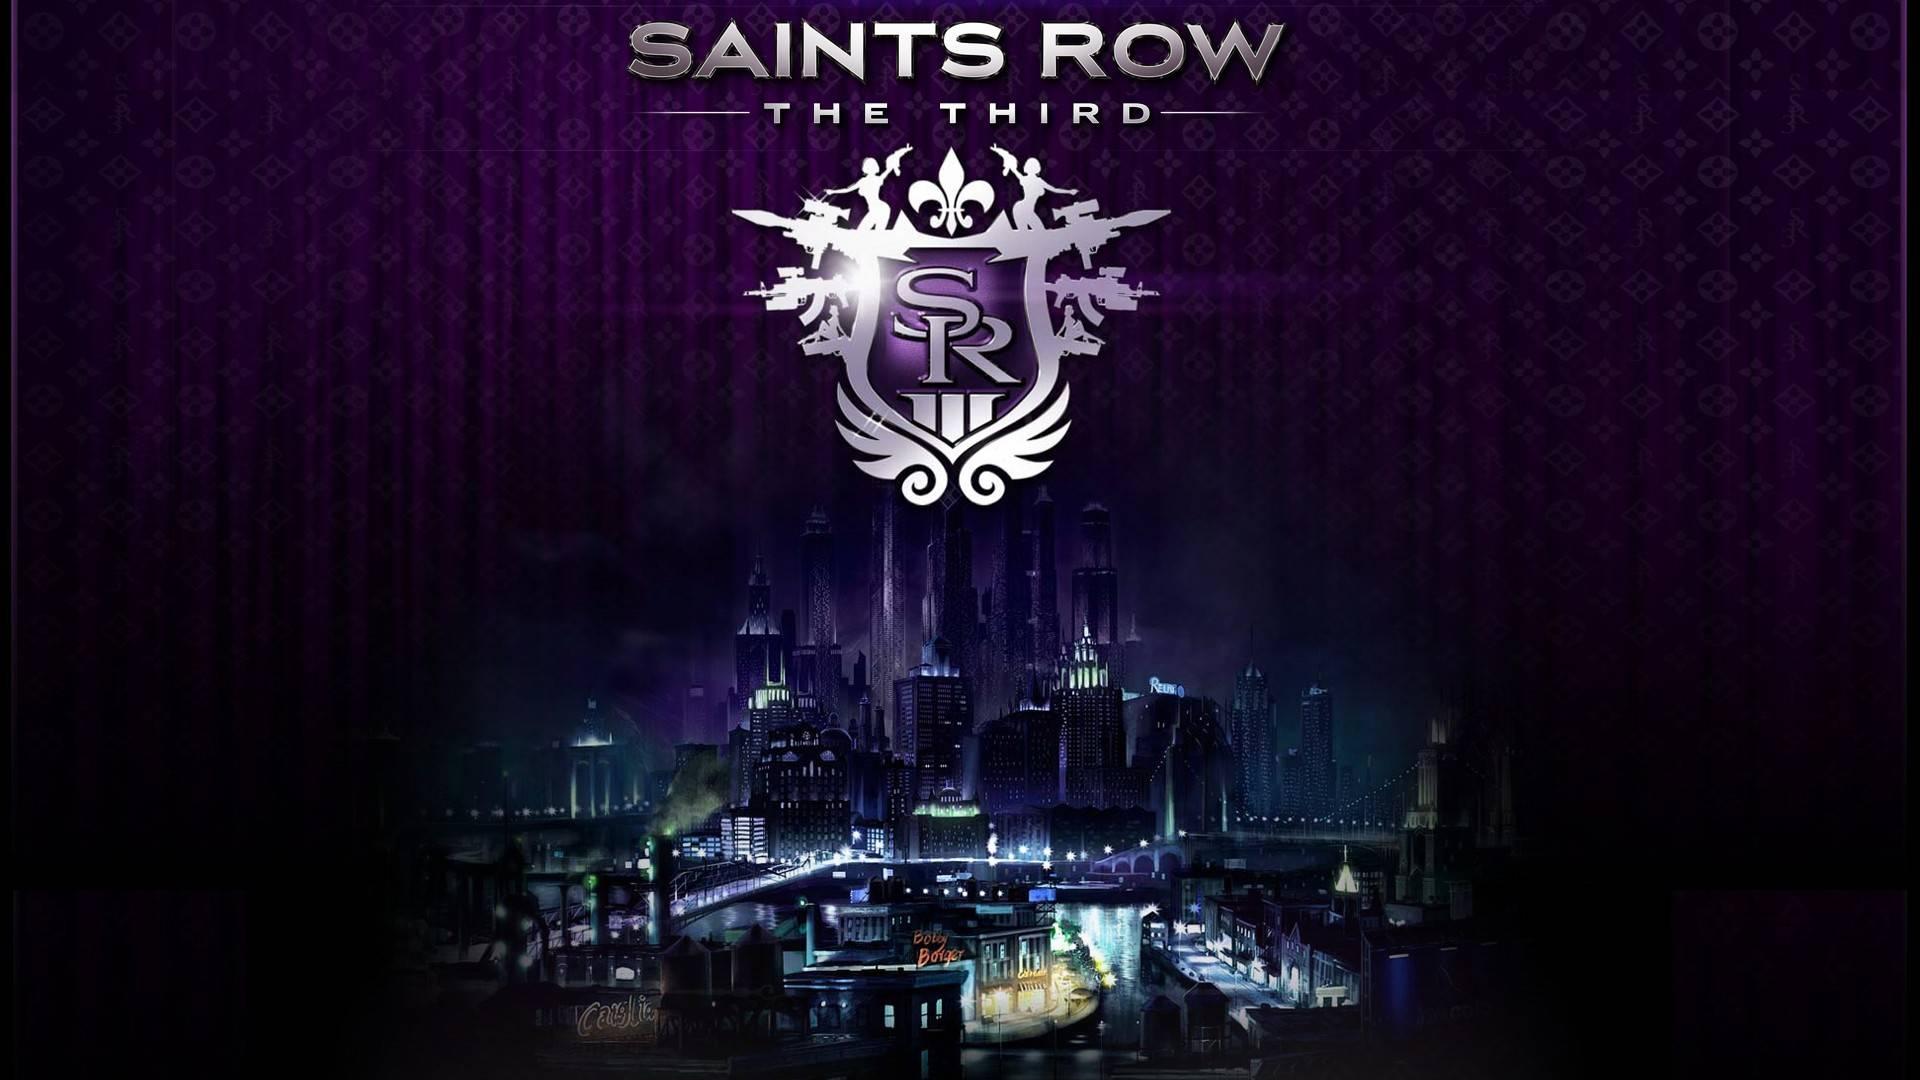 Saints Row 4 Logo HD Desktop Wallpaper HD Desktop Wallpaper 1920x1080